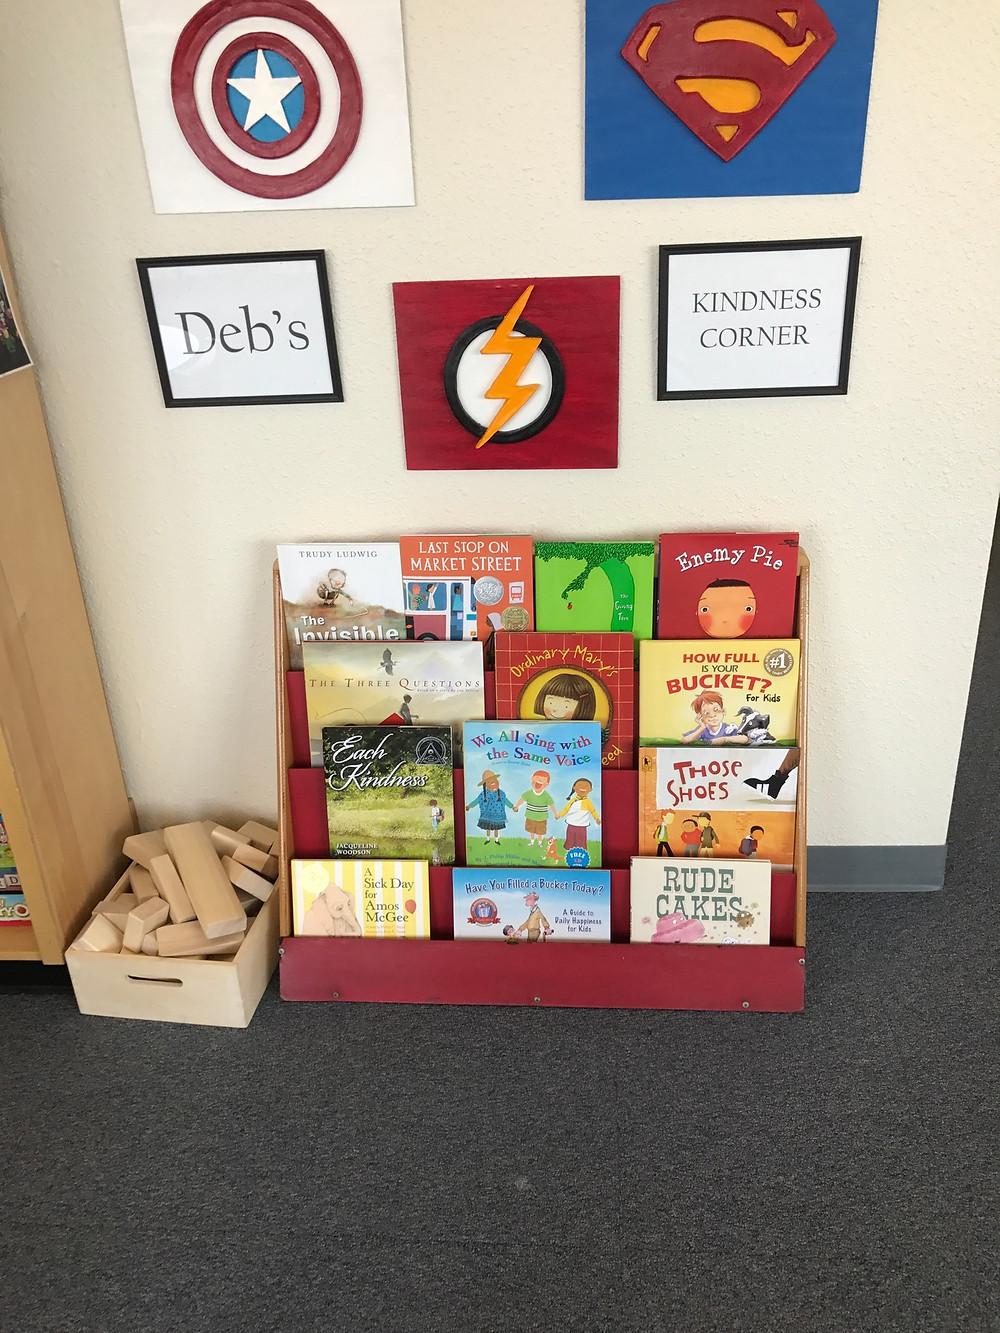 Deb's Kindness Corner